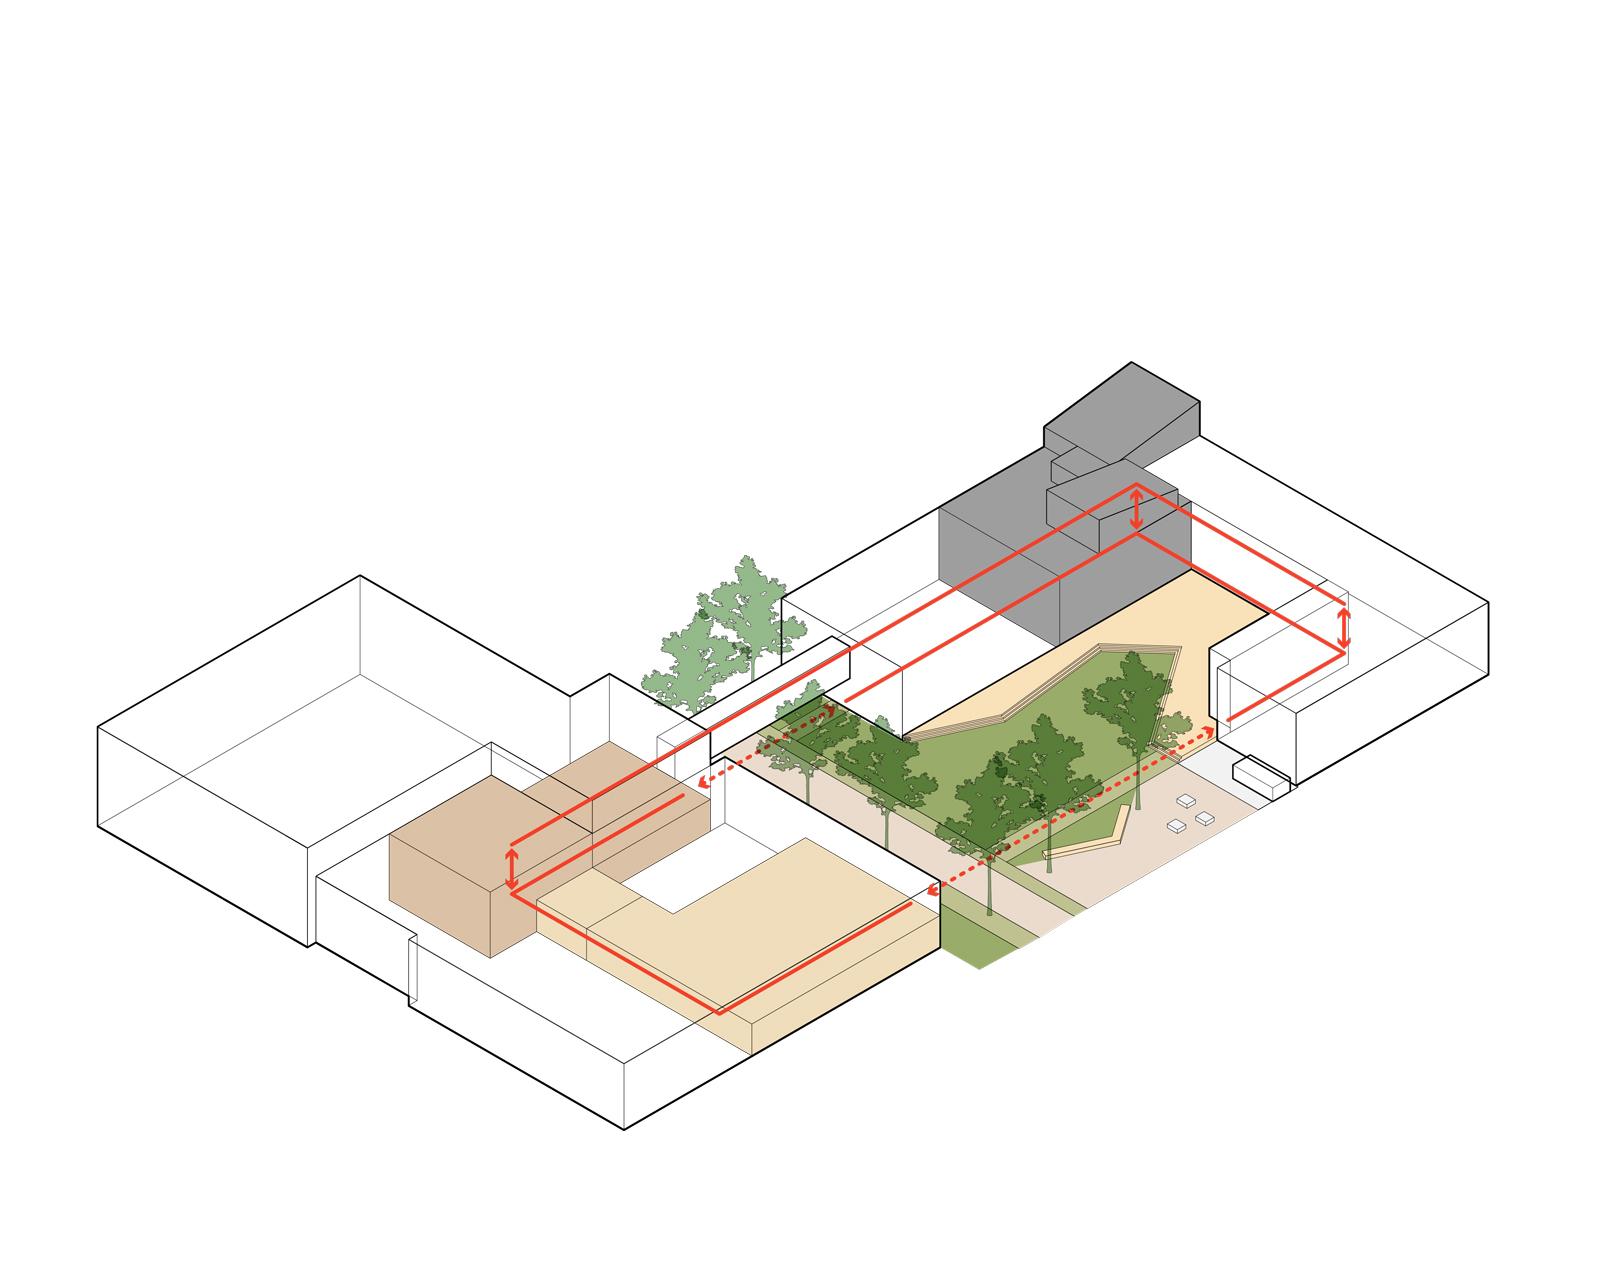 vakschool_nimeto_architectuur_scholenbouw_utrecht